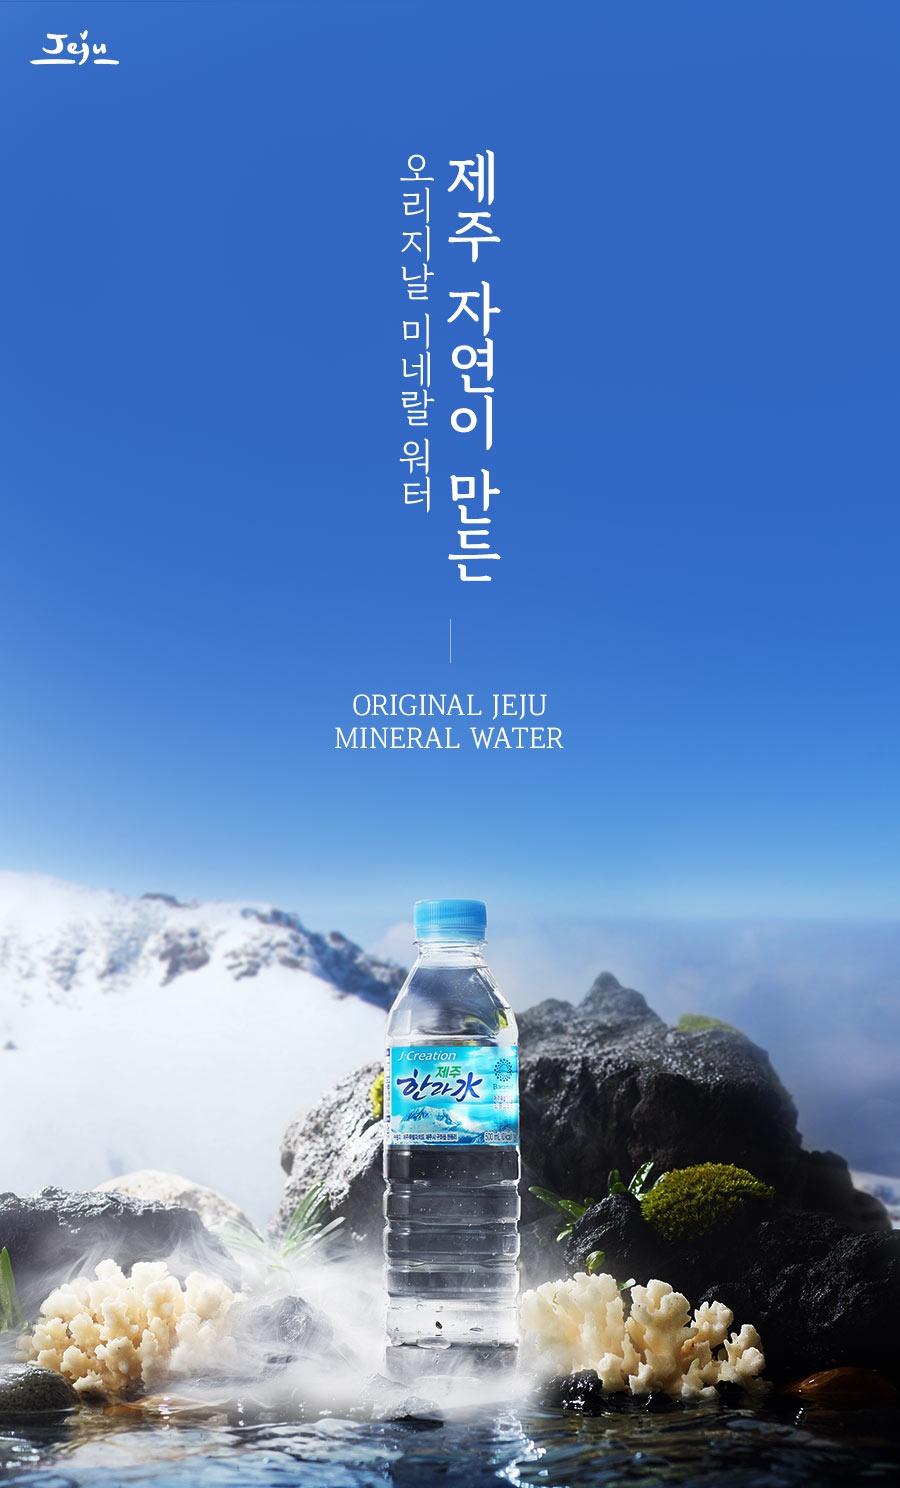 JEJU_MINERAL WATER